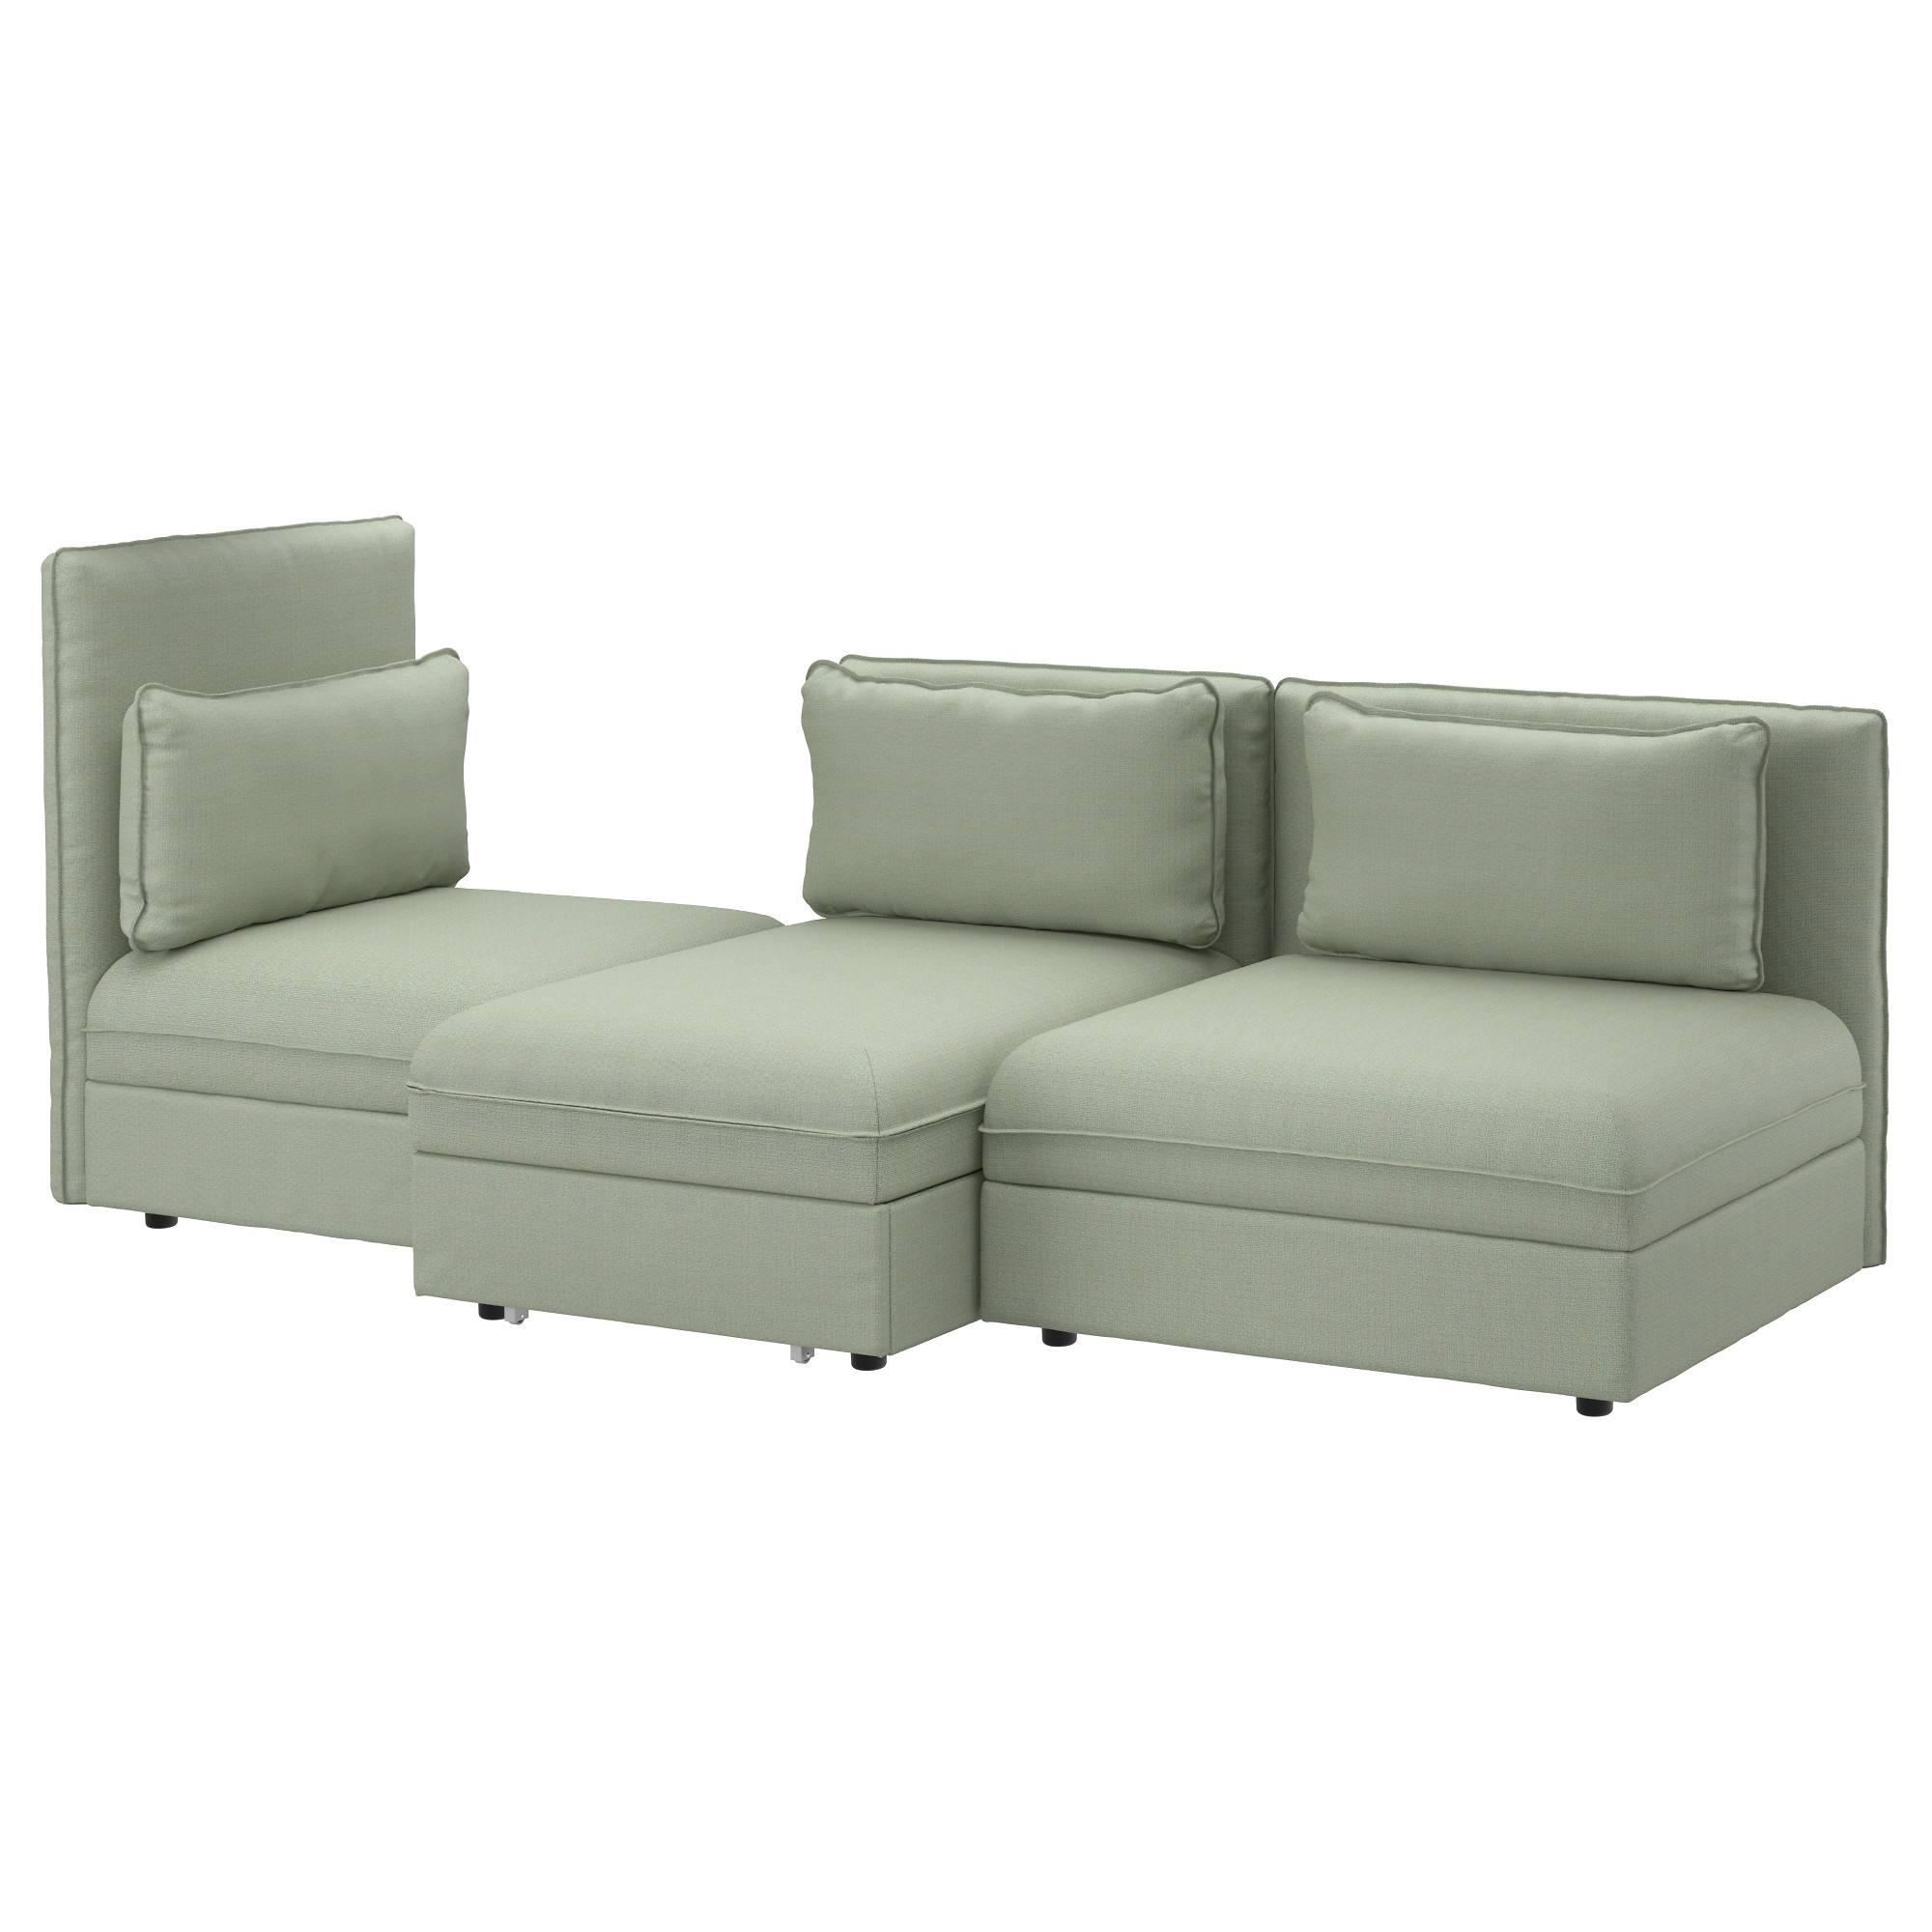 Sofa Beds & Futons   Ikea Regarding Ikea Sectional Sofa Bed (Photo 9 of 25)